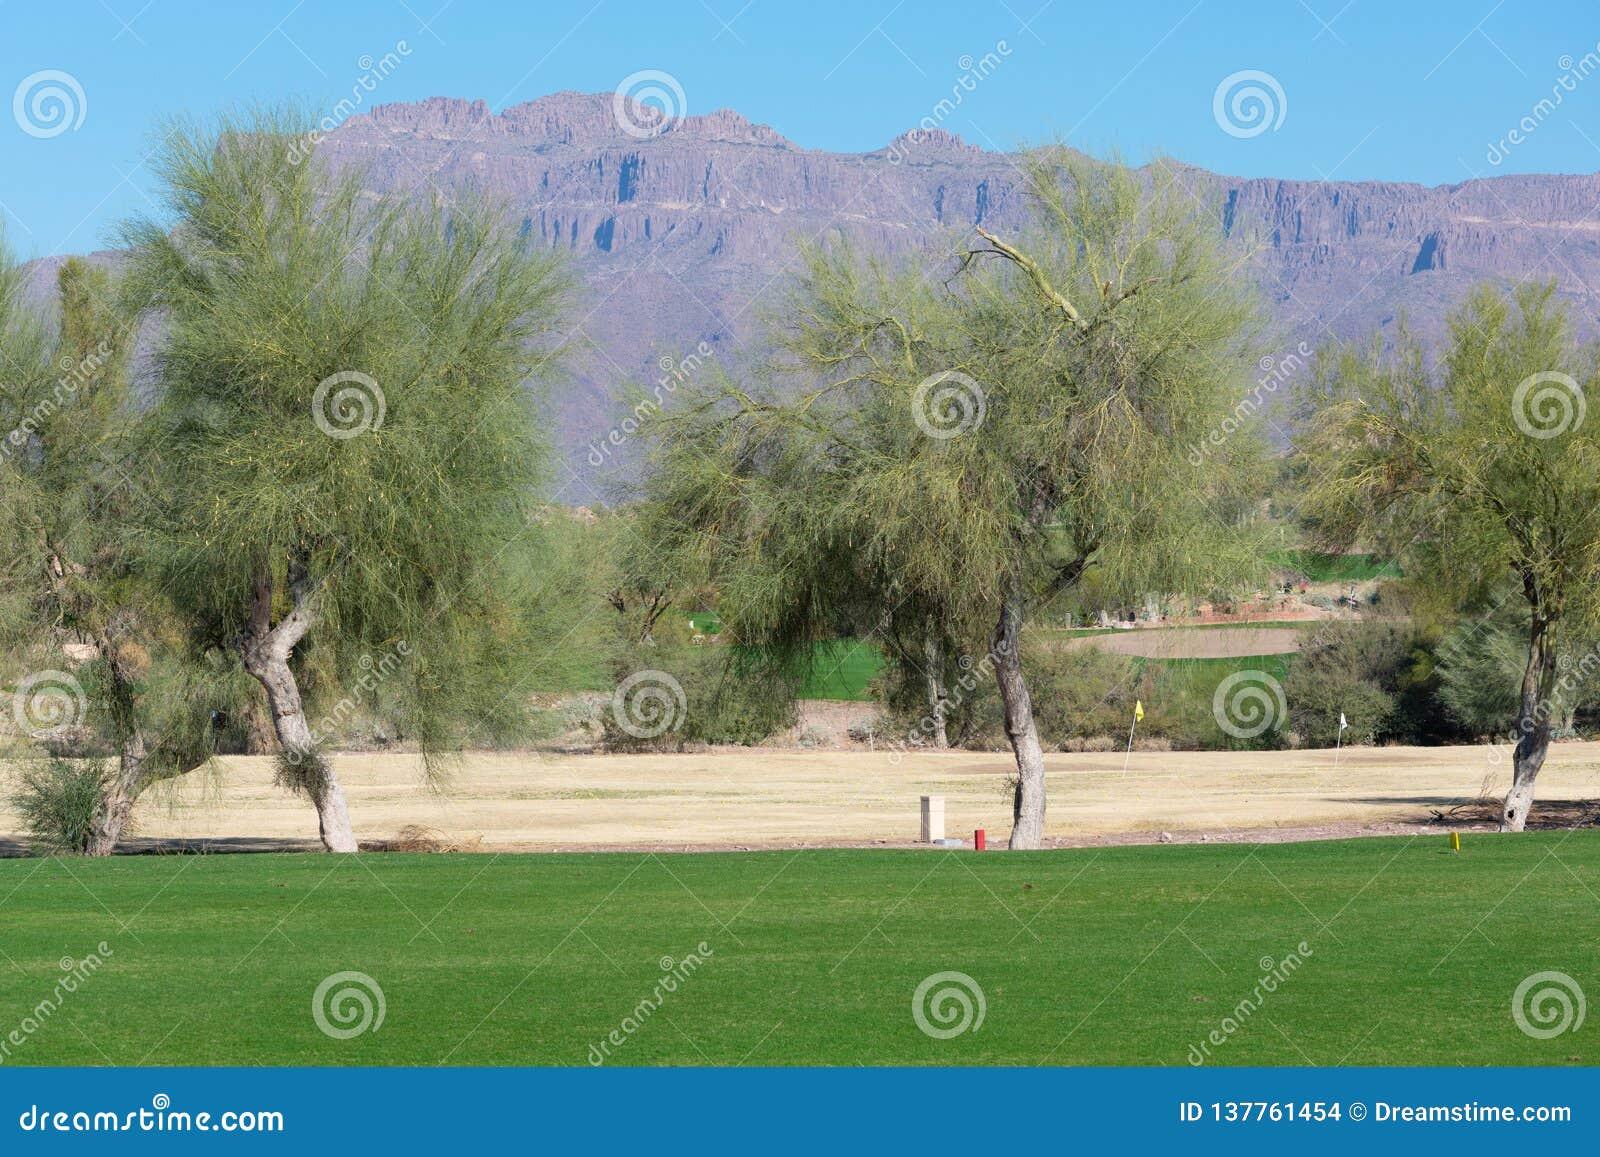 高尔夫球场标示用树和山在背景中